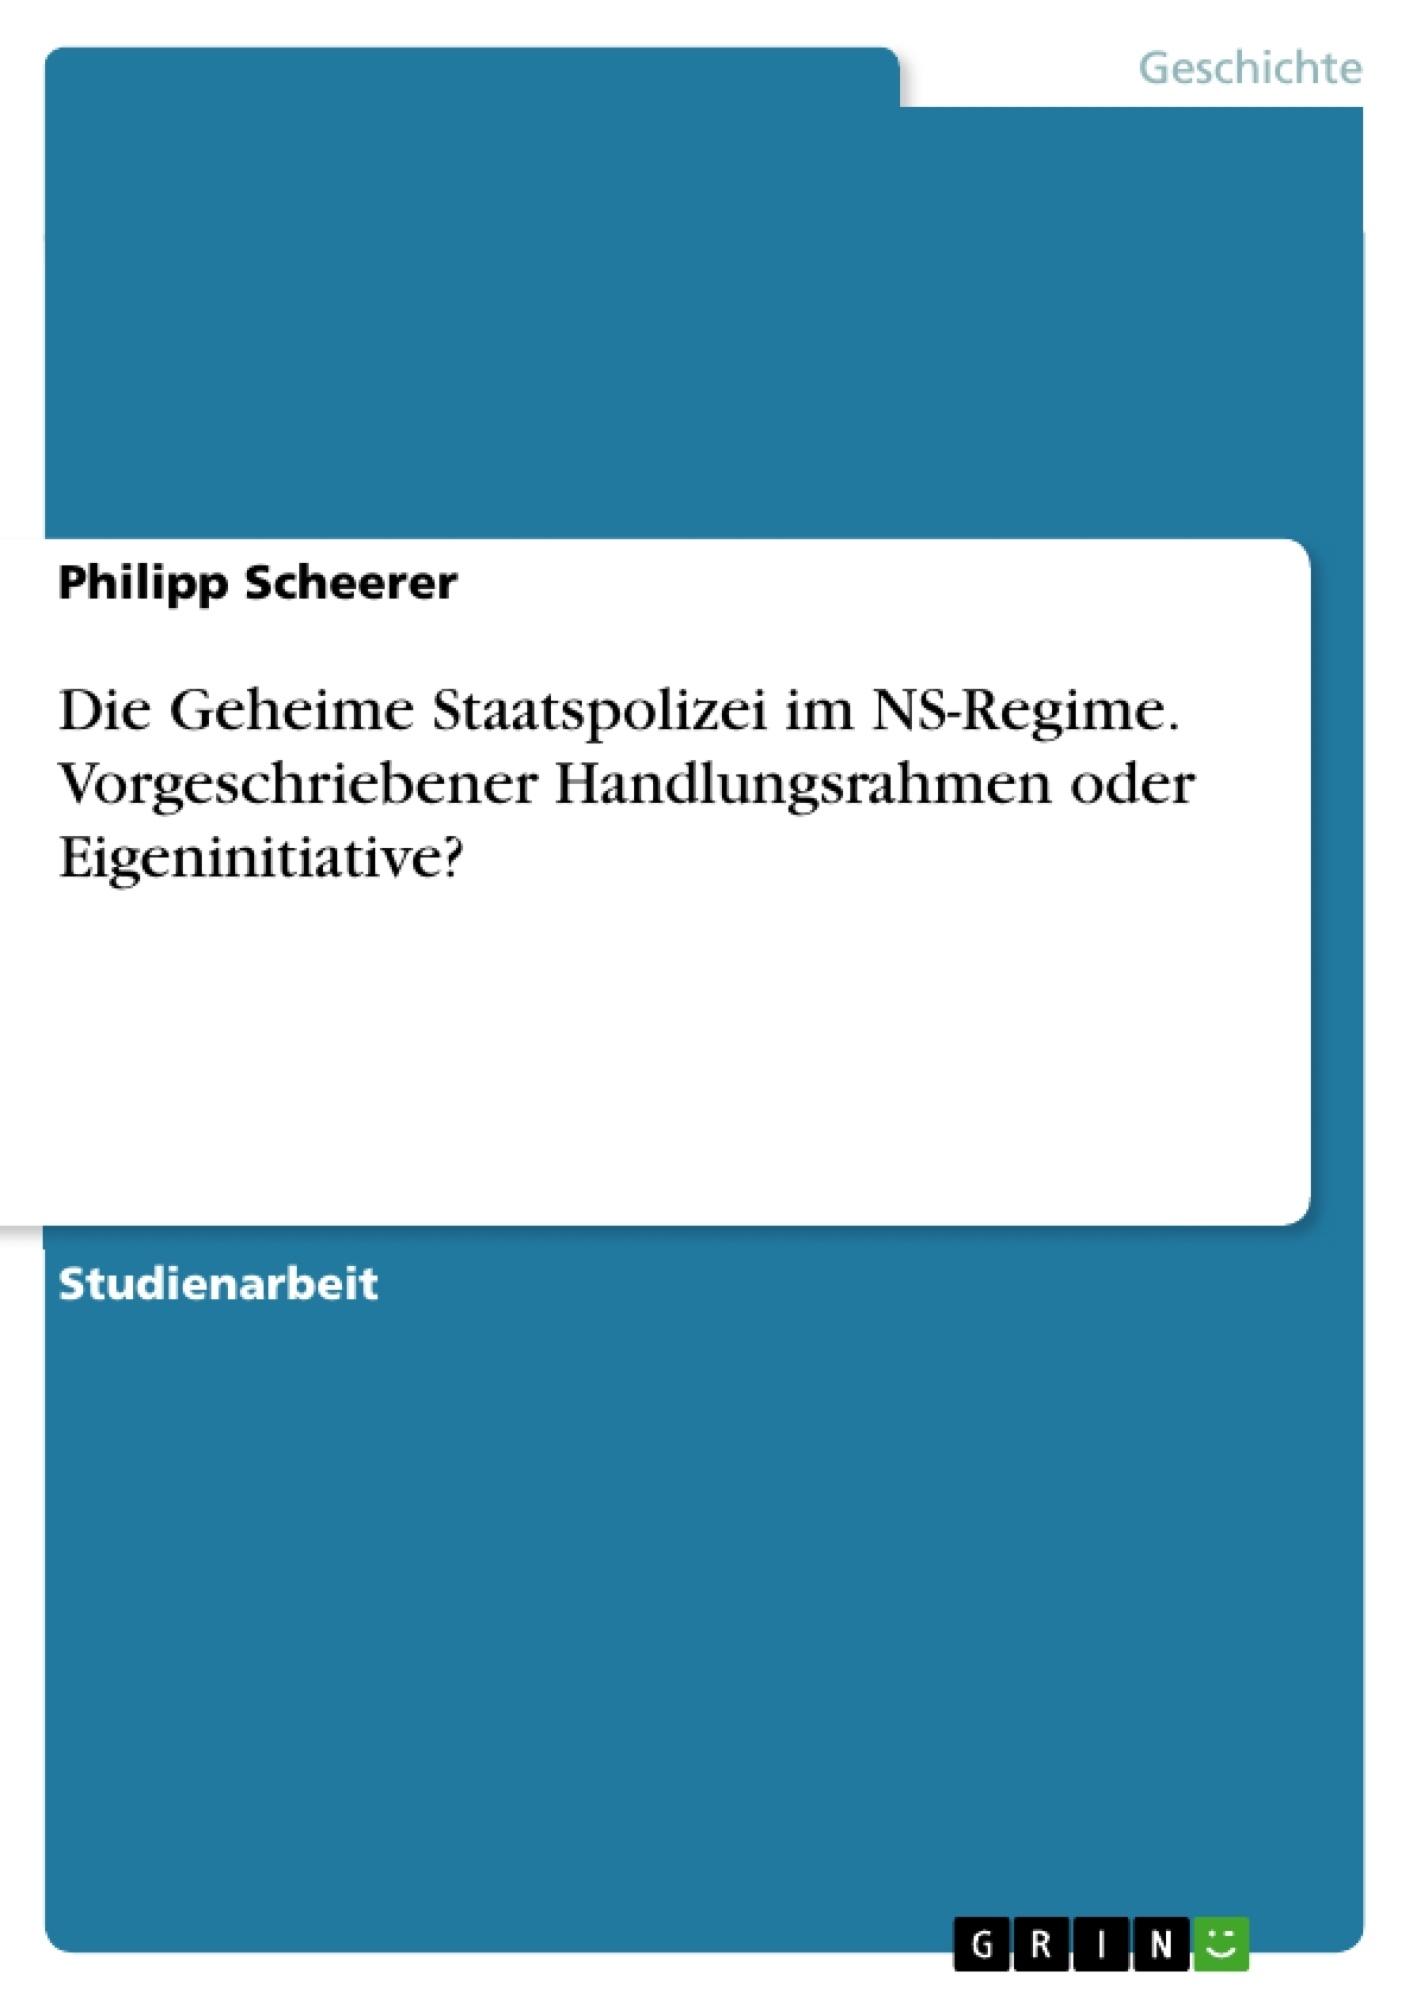 Titel: Die Geheime Staatspolizei im NS-Regime. Vorgeschriebener Handlungsrahmen oder Eigeninitiative?